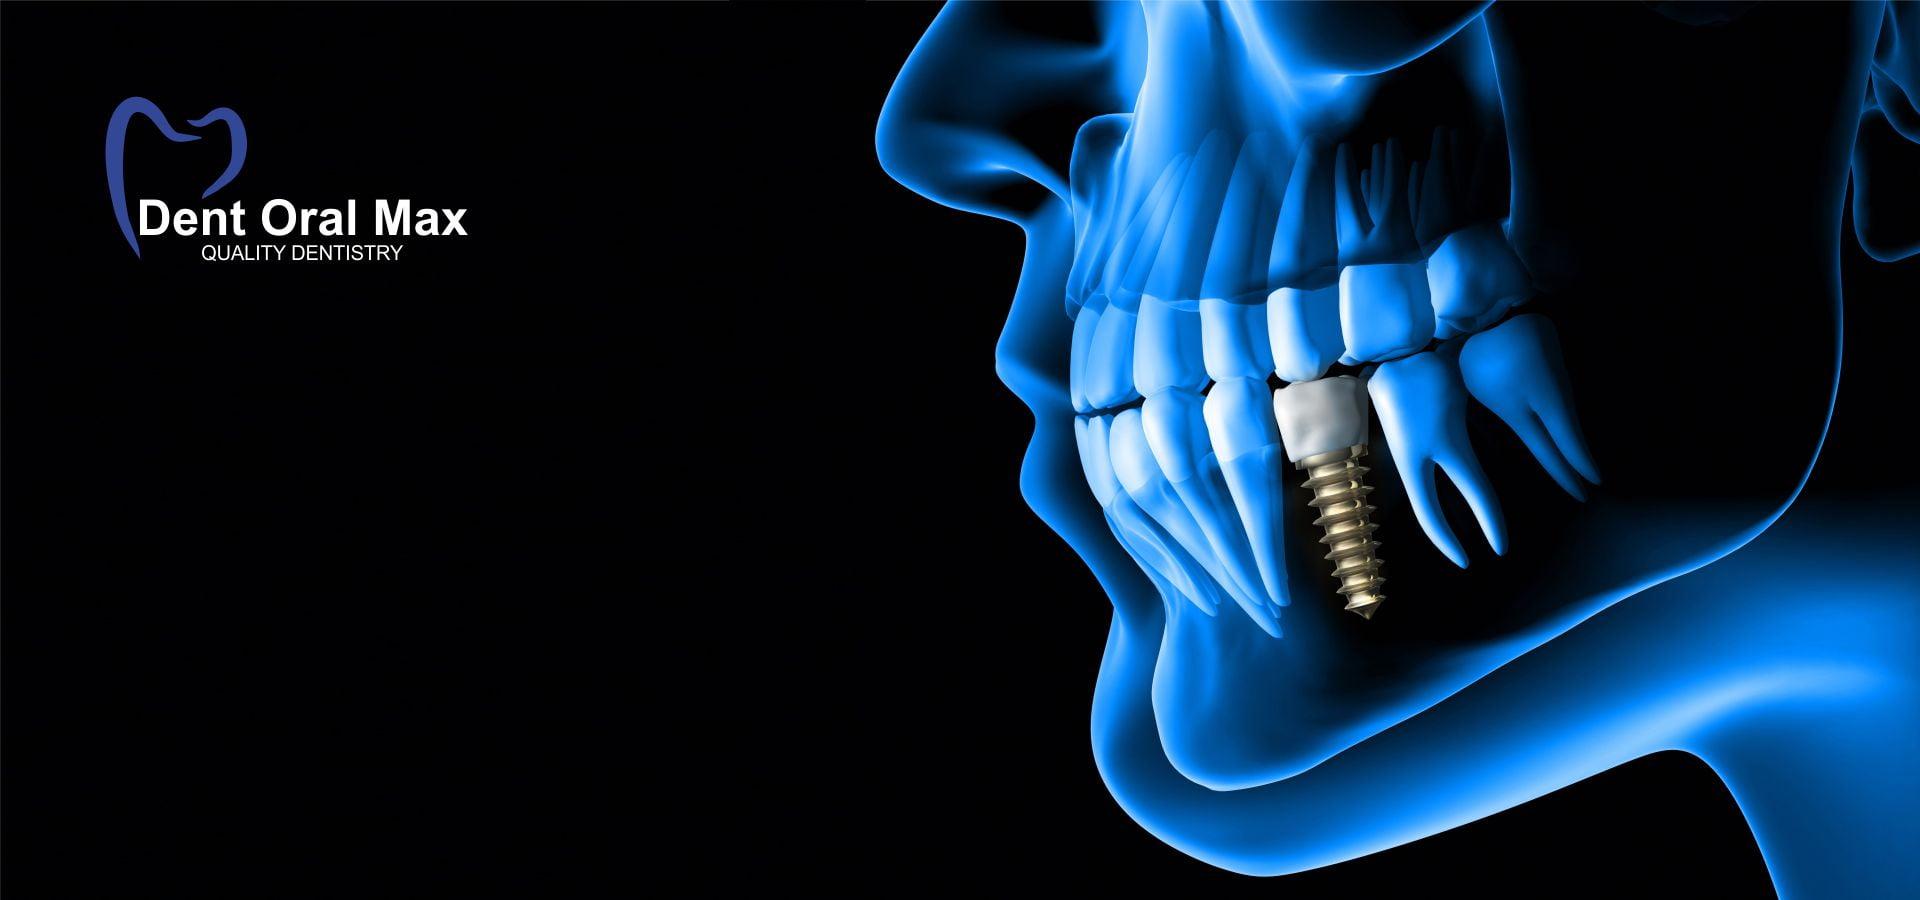 Sunt implanturile dentare sigure